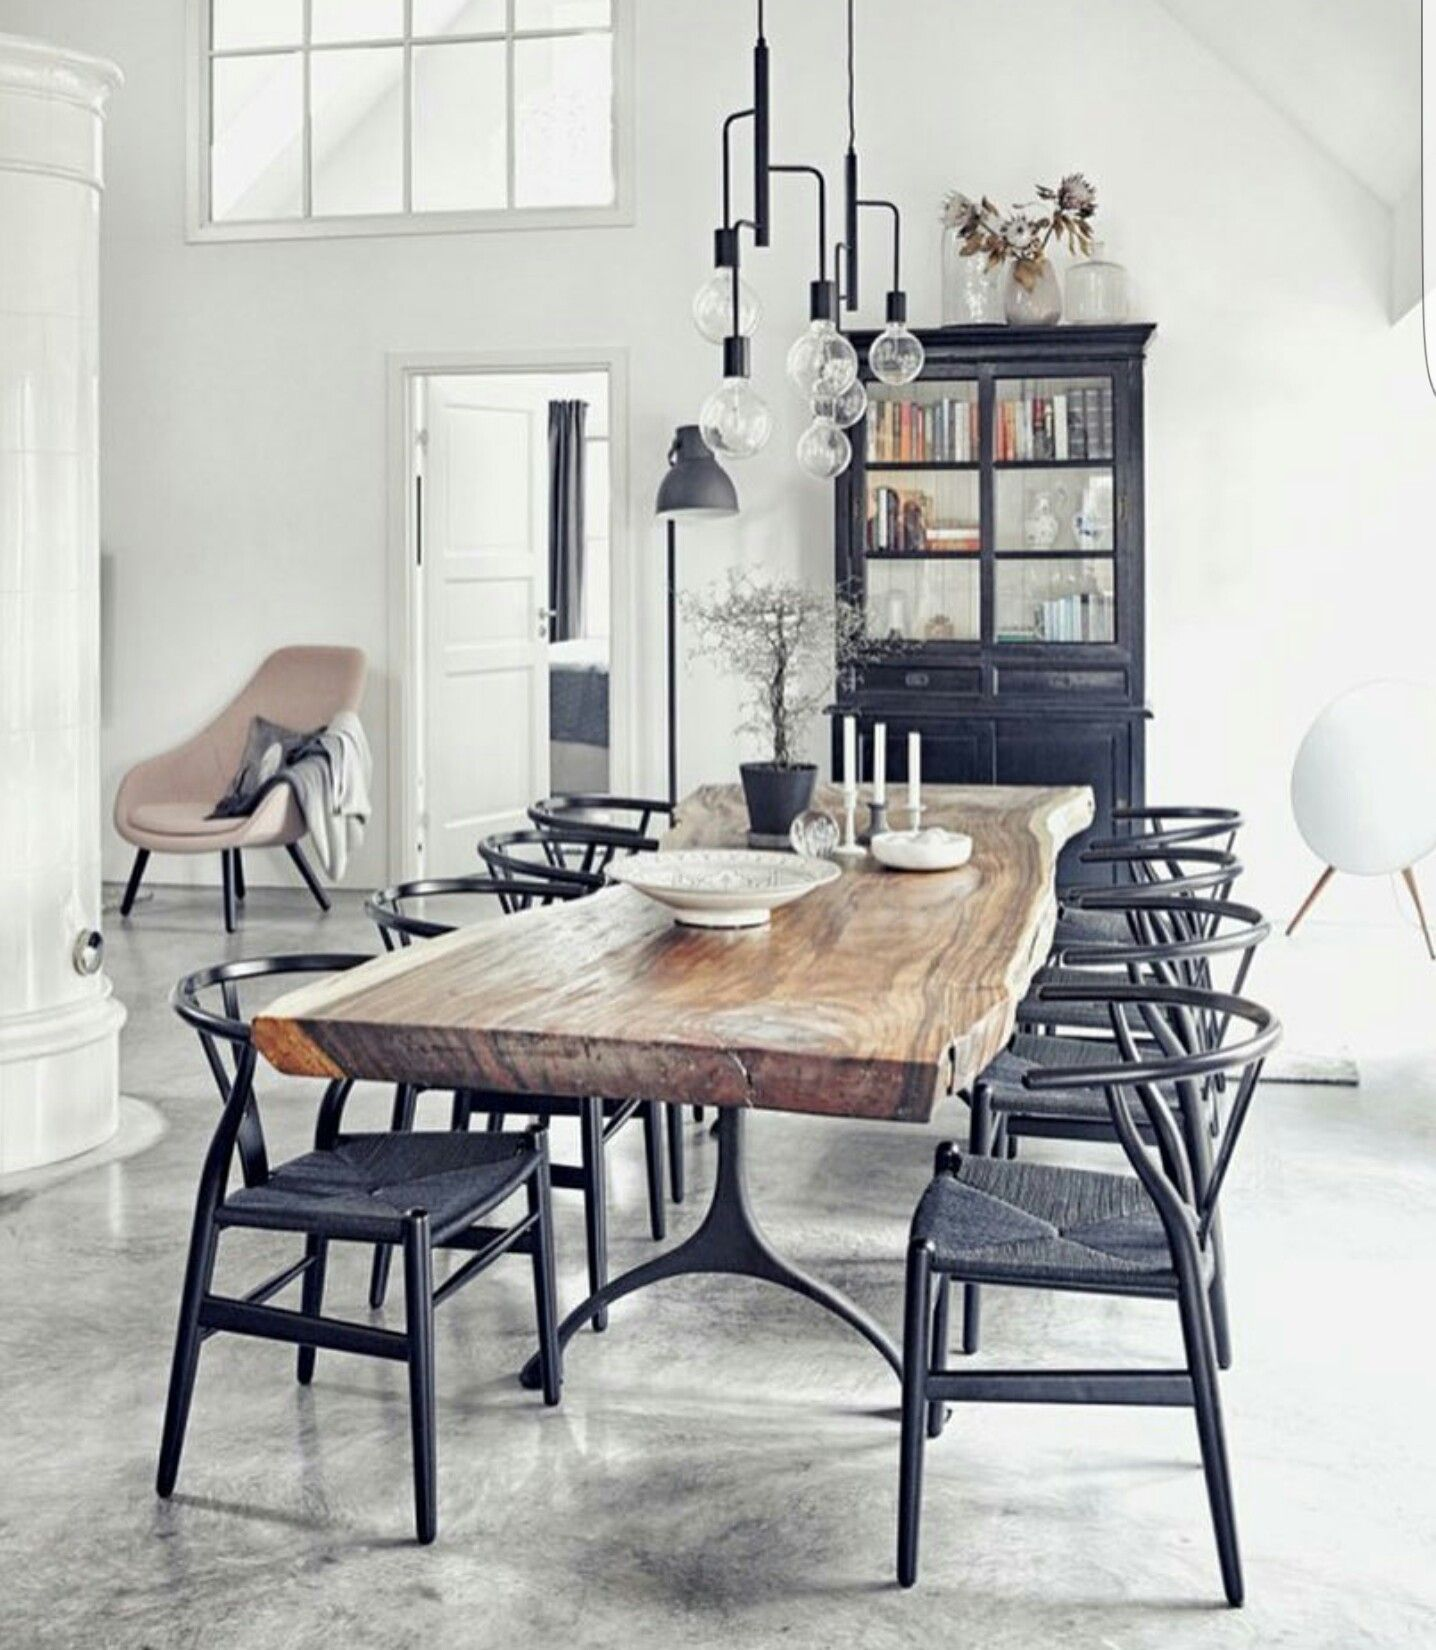 Pin von Amber Tabone auf For the Home | Pinterest